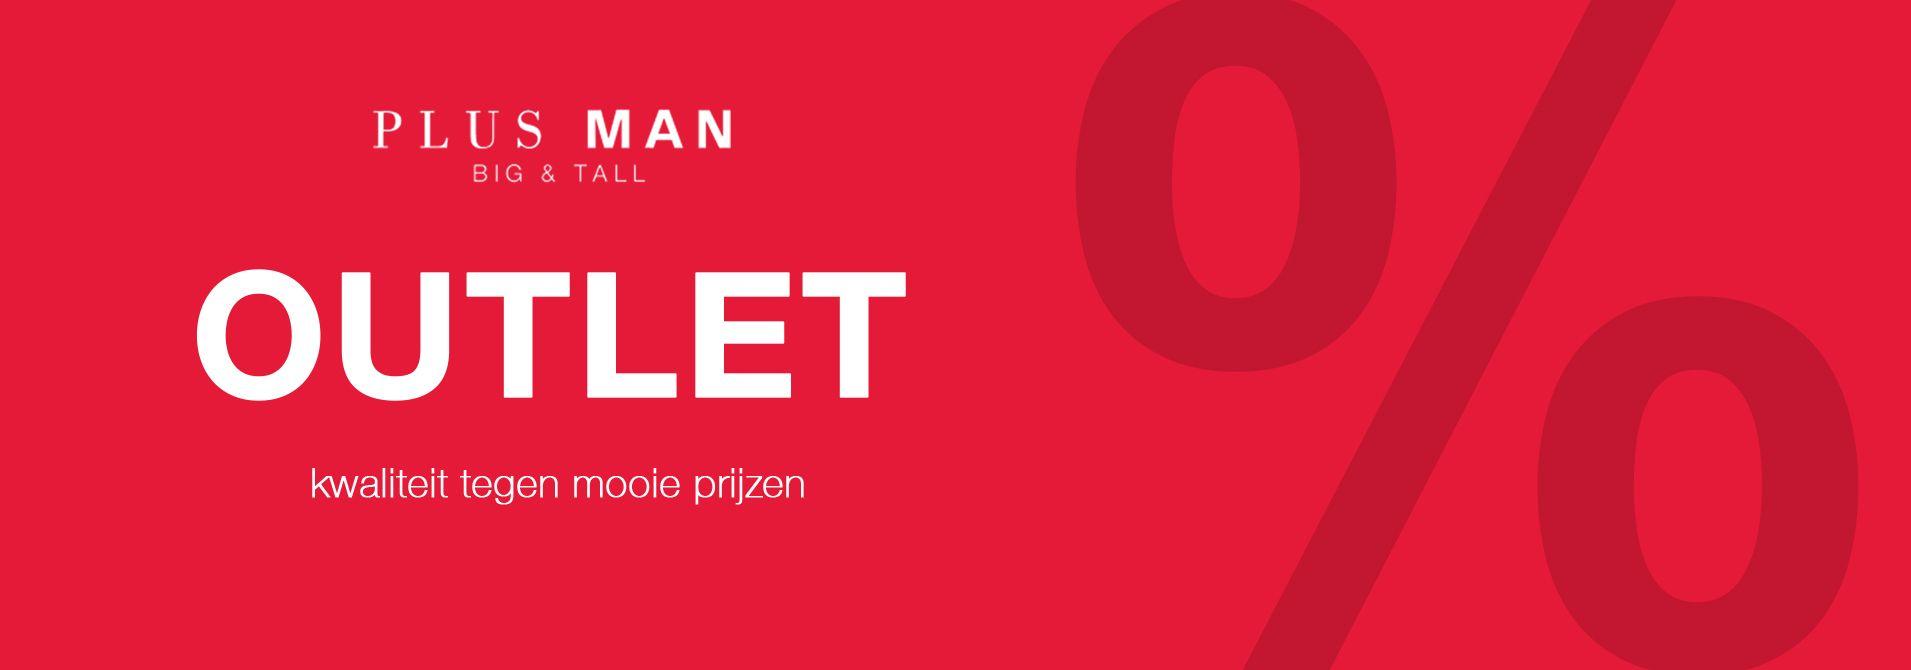 Plusman Outlet - grote maten herenkleding voor kleine prijzen